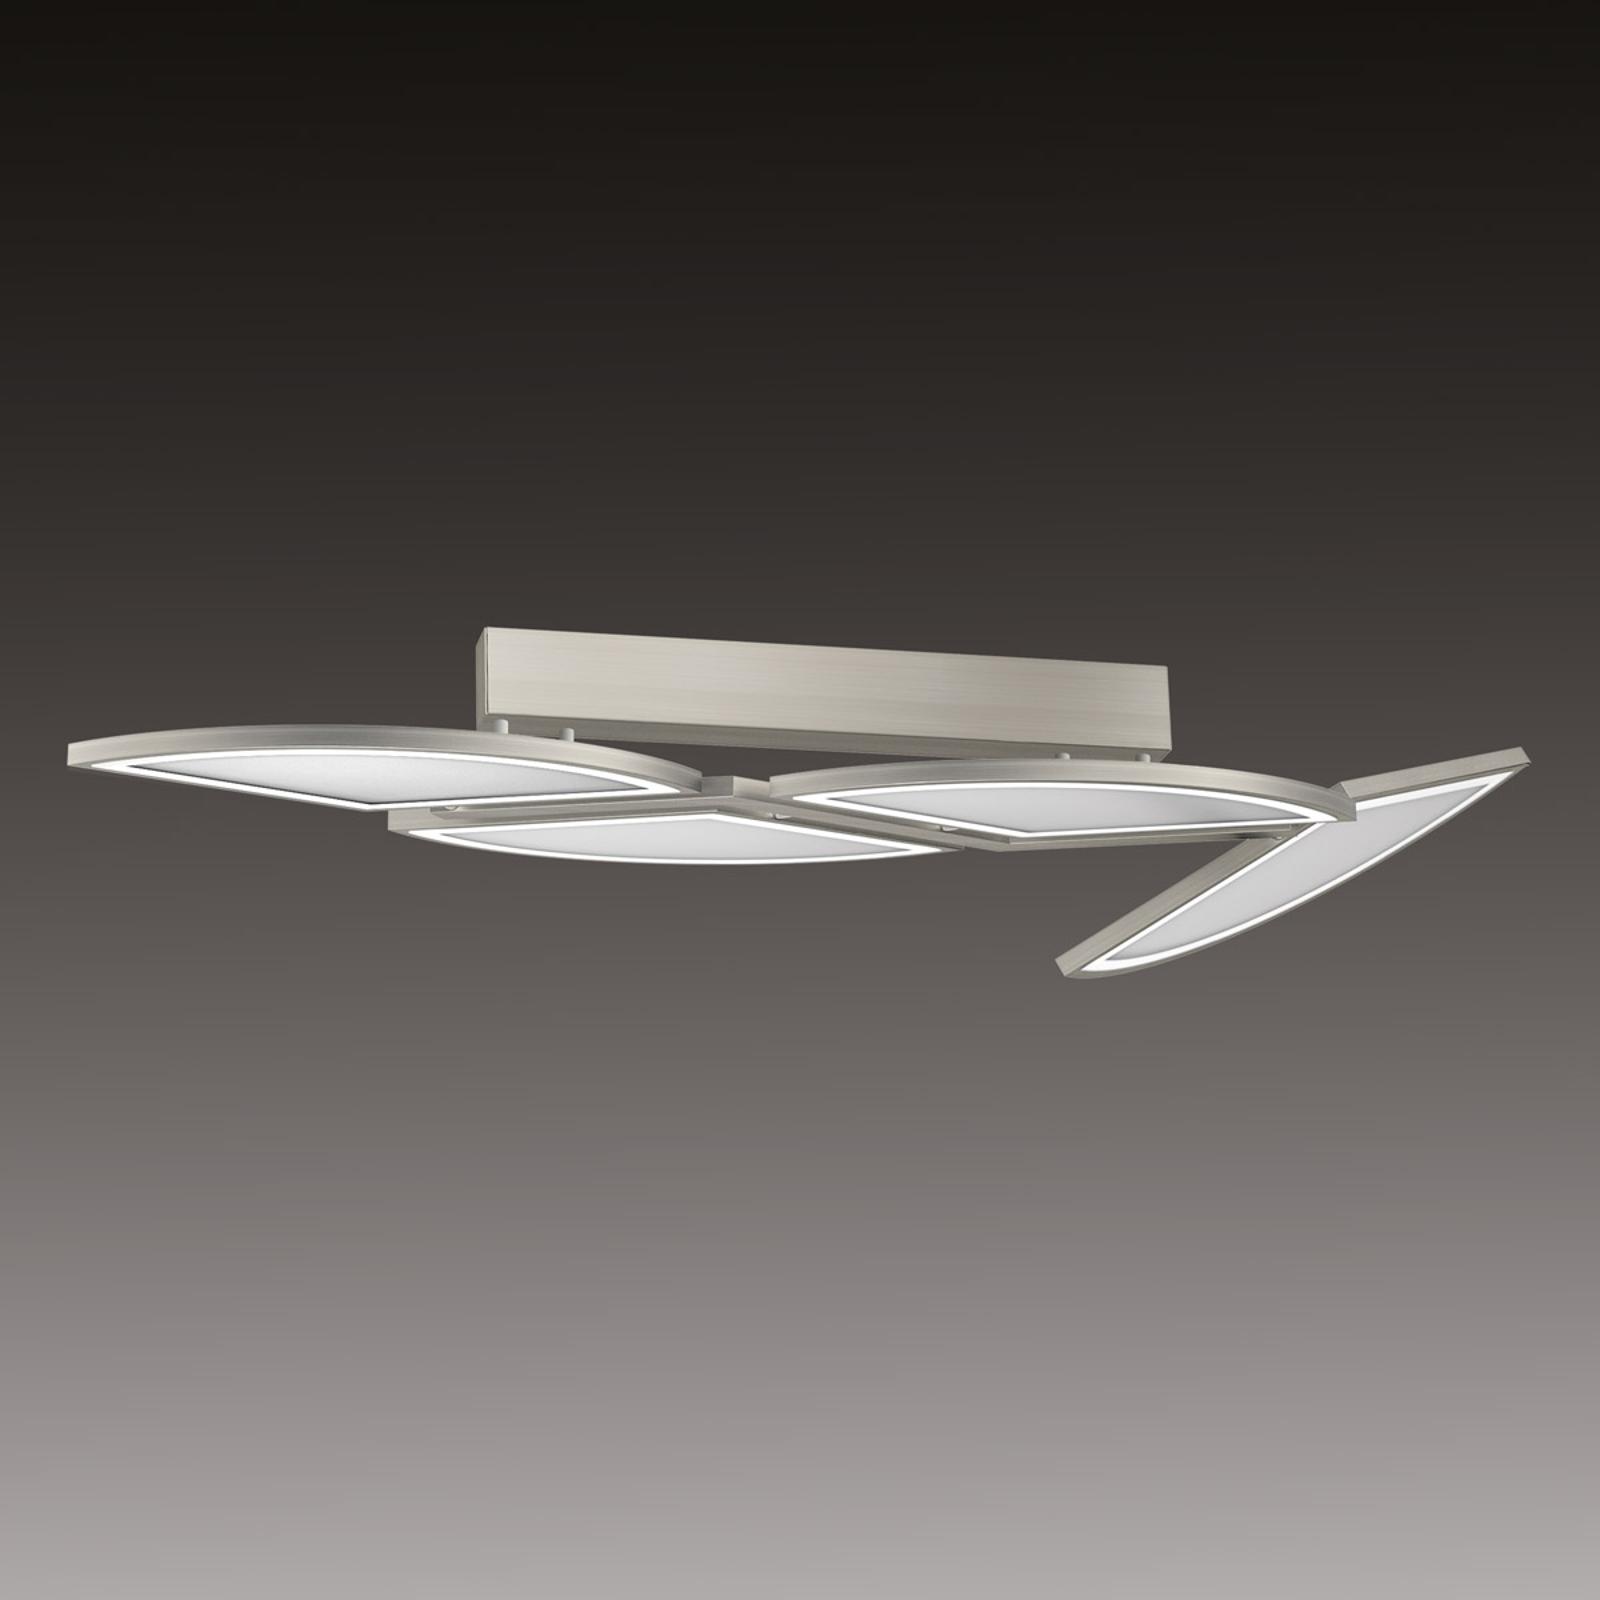 Movil - LED-loftlampe med 4 lyssegmenter